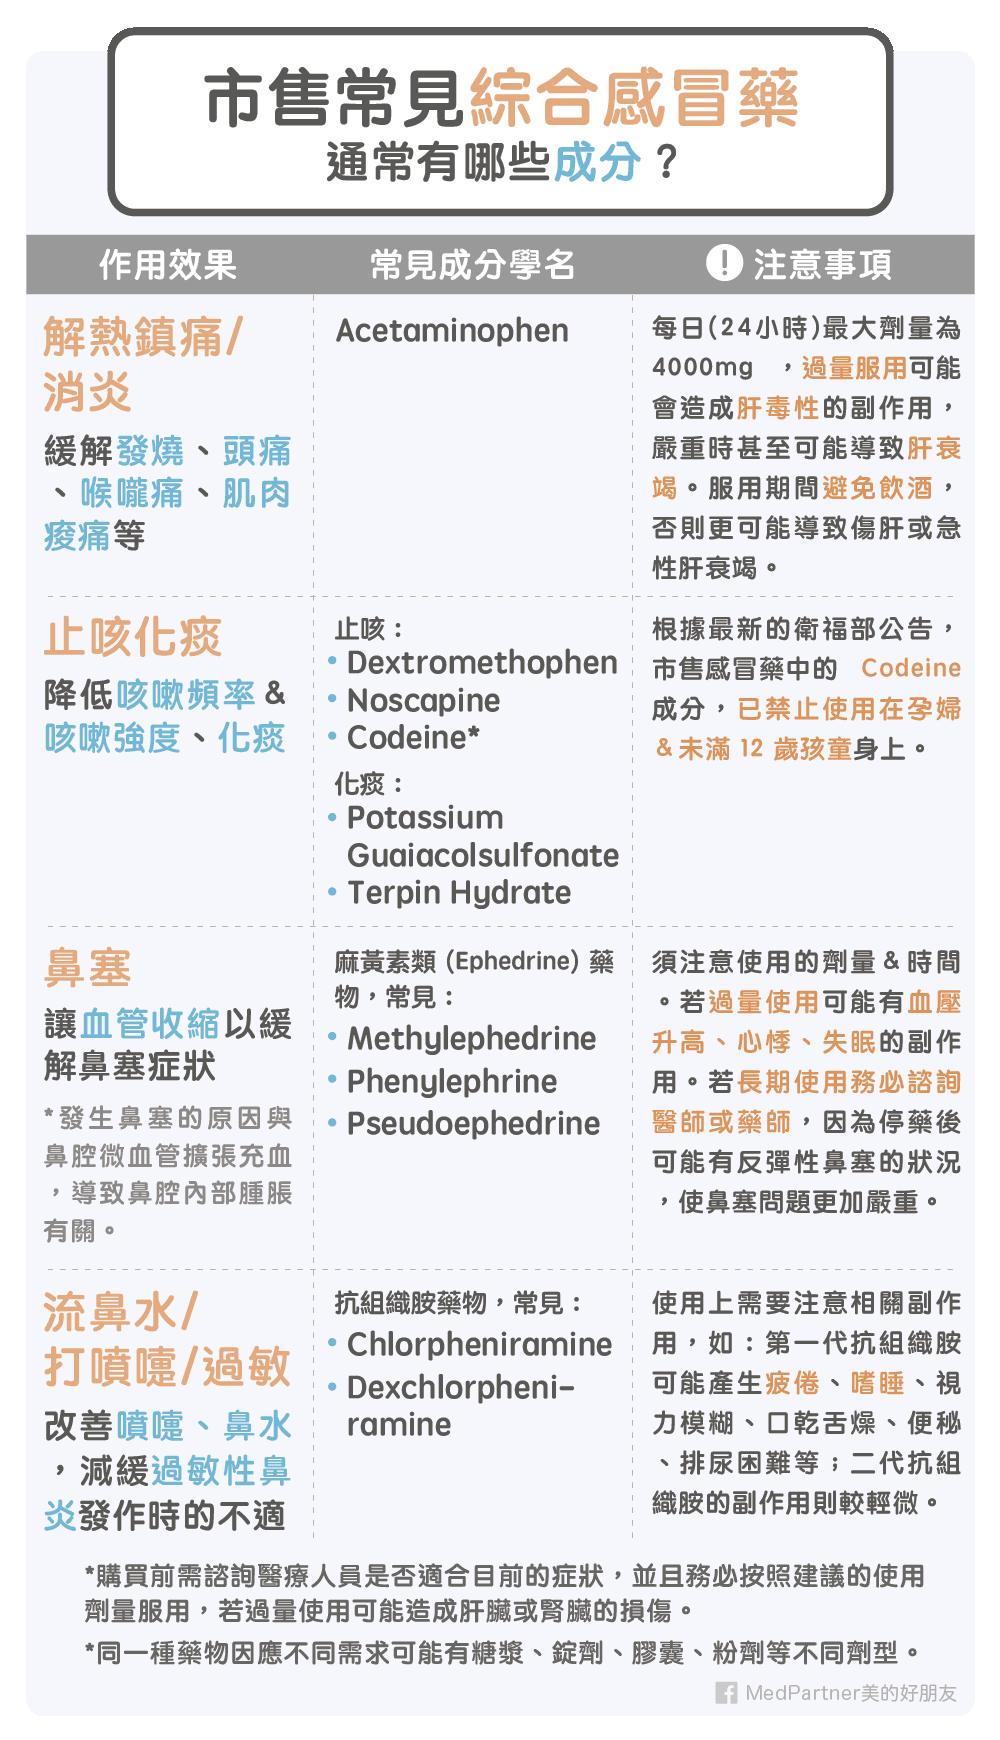 綜合感冒藥常見成分